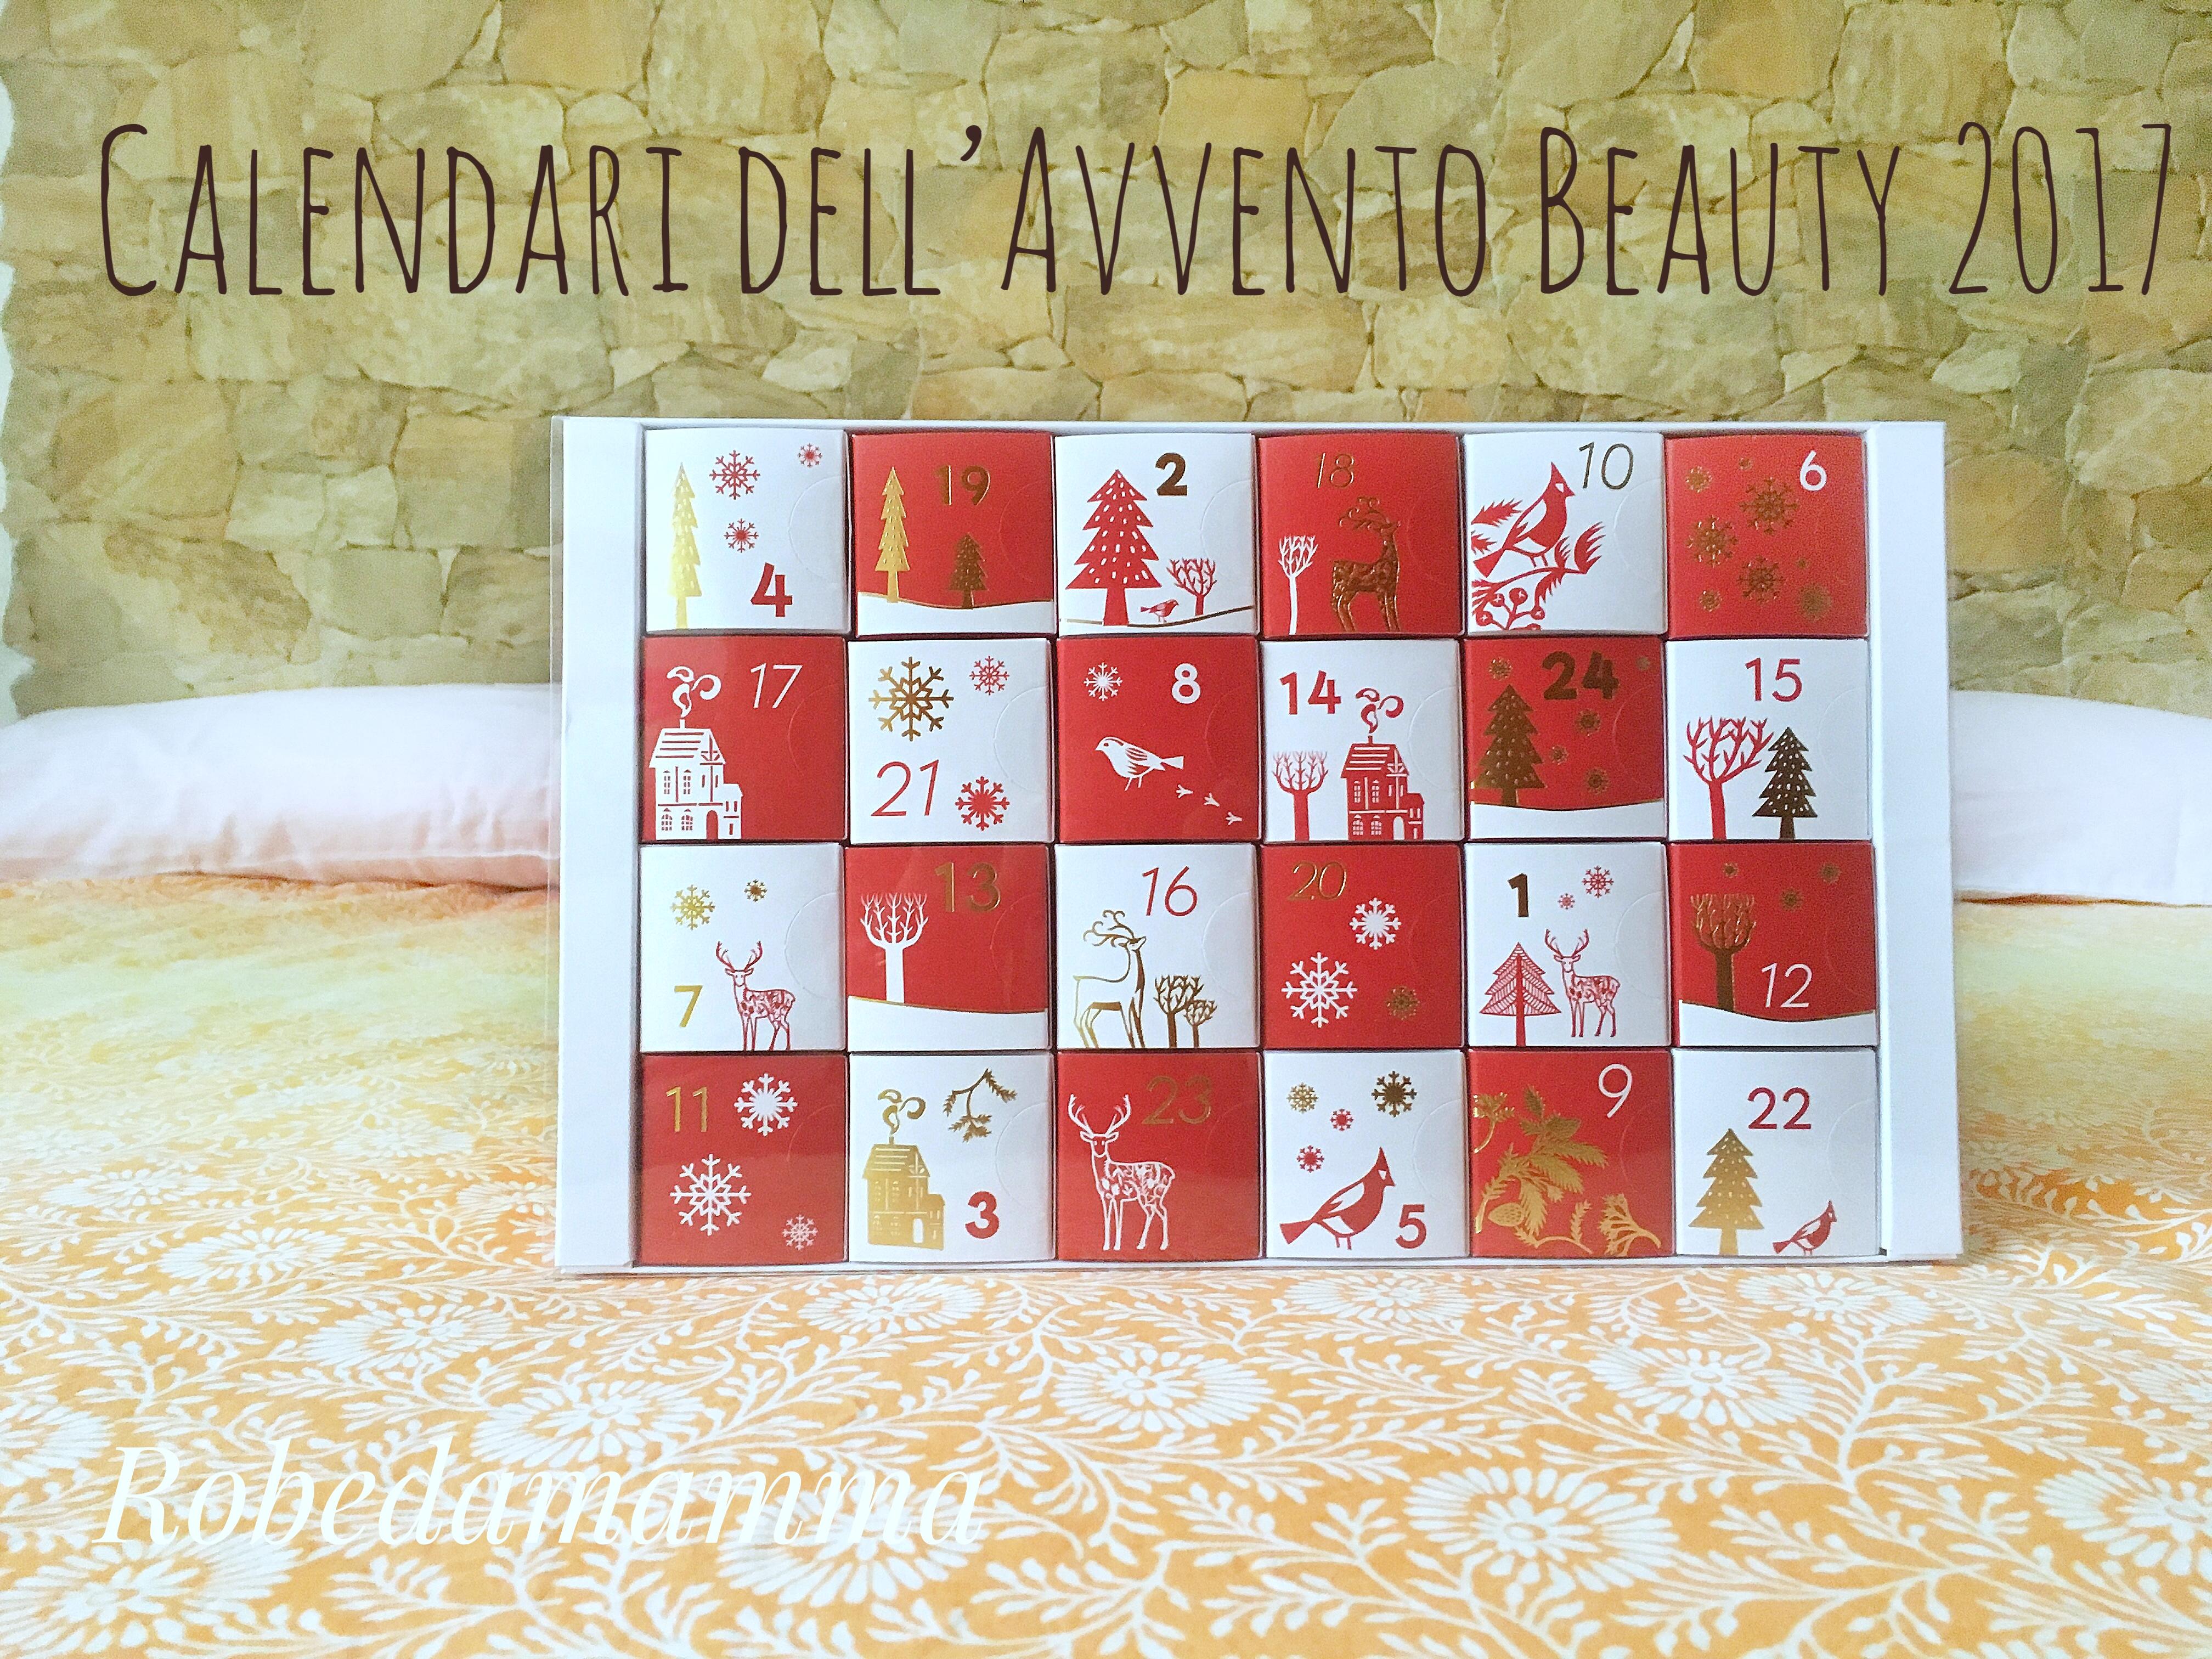 Calendario Avvento Yves Rocher.Calendari Dell Avvento Beauty 2017